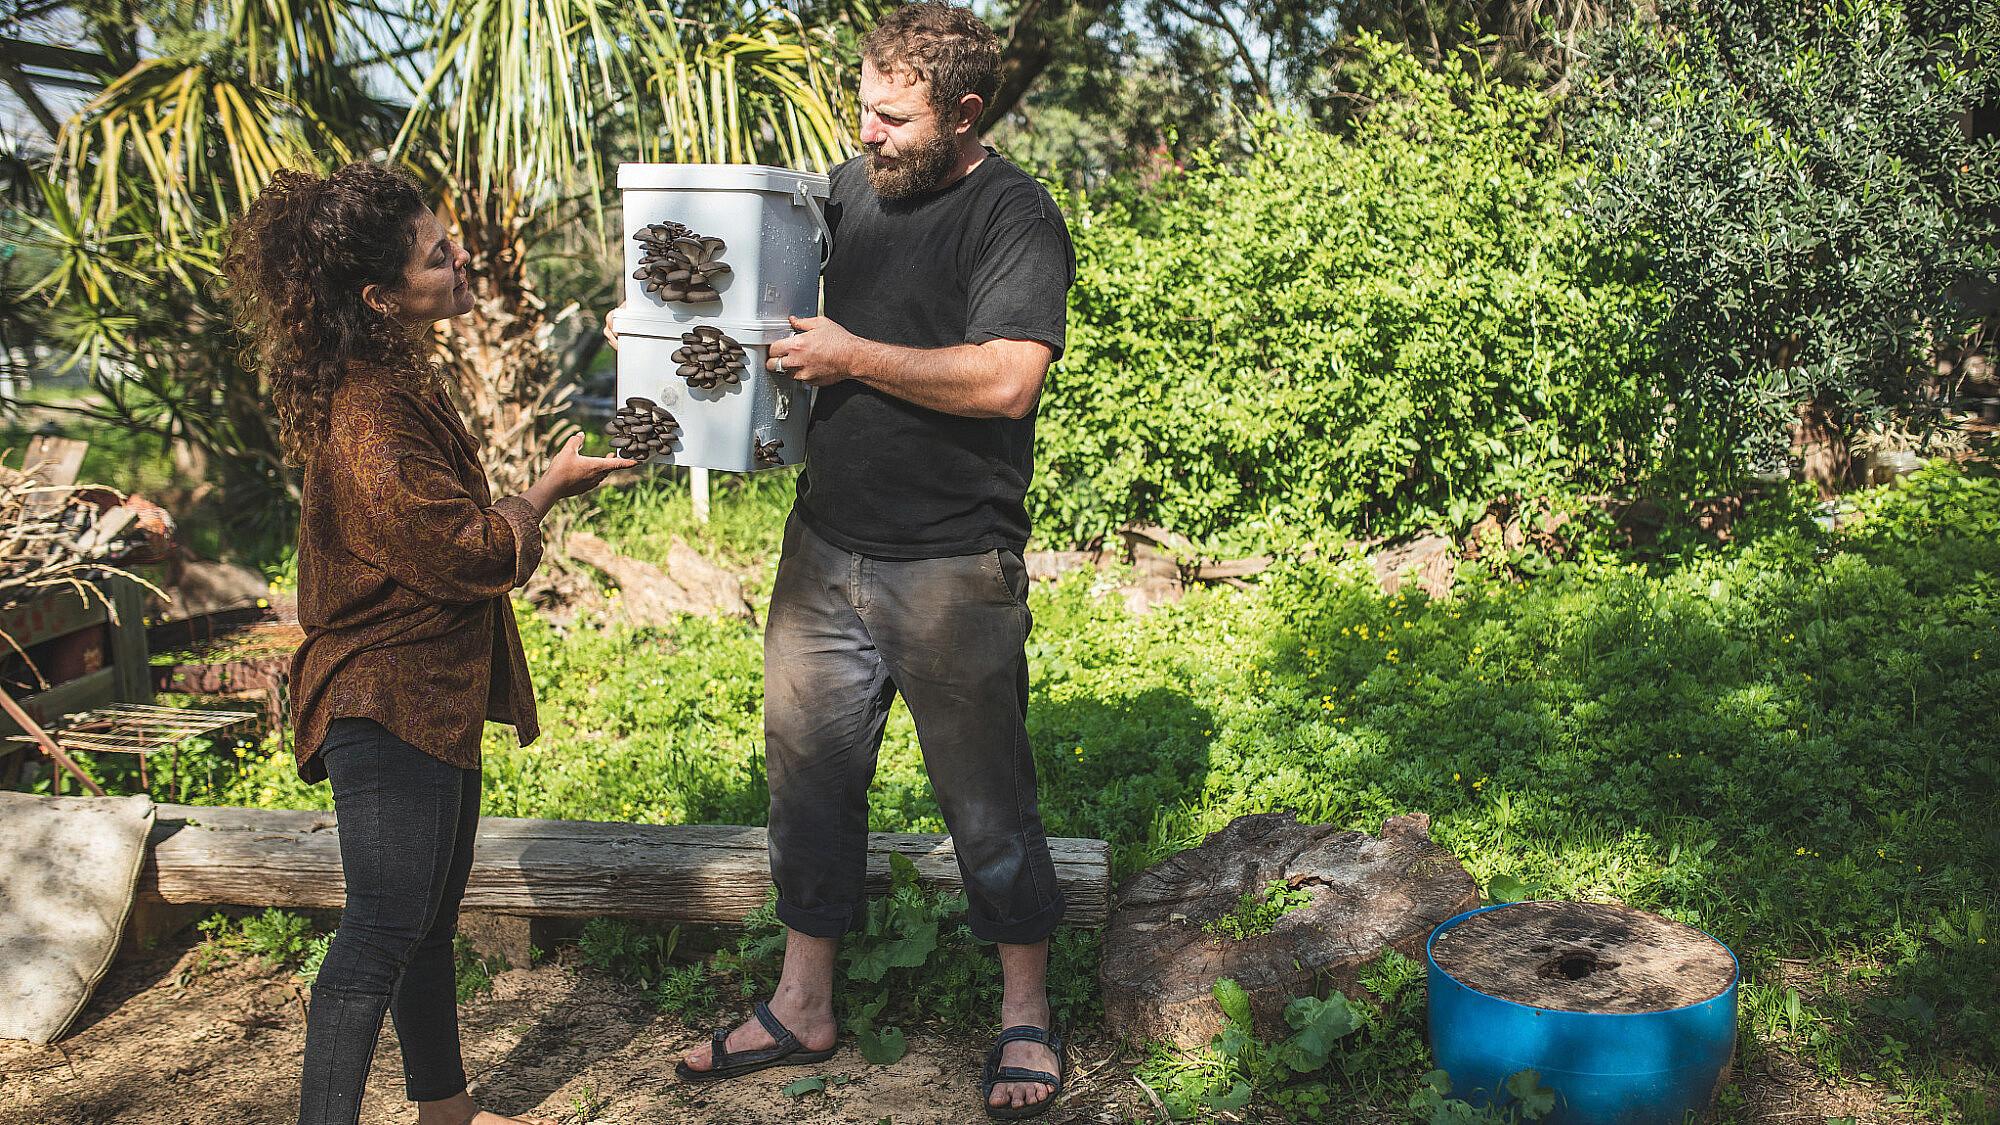 """""""להבין מה הפטריות צריכות ולספק את הצרכים האלה"""". יעל, בר והפטריות בחוות """"עםהאדמה"""" (צילום: שני בריל)"""